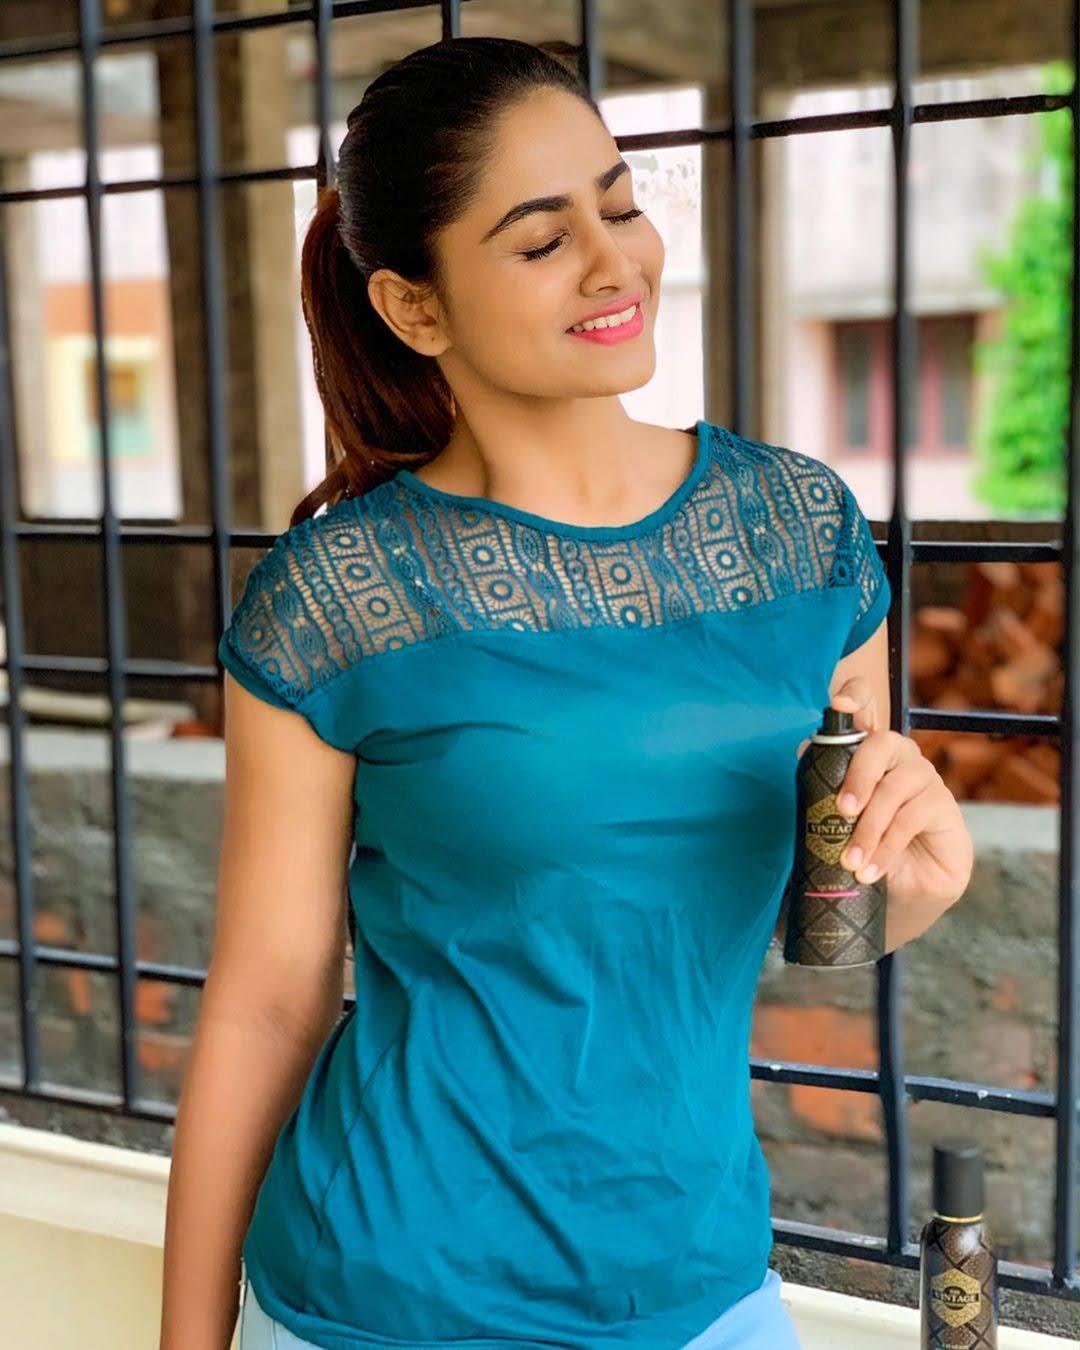 shivani_narayanan_515113249